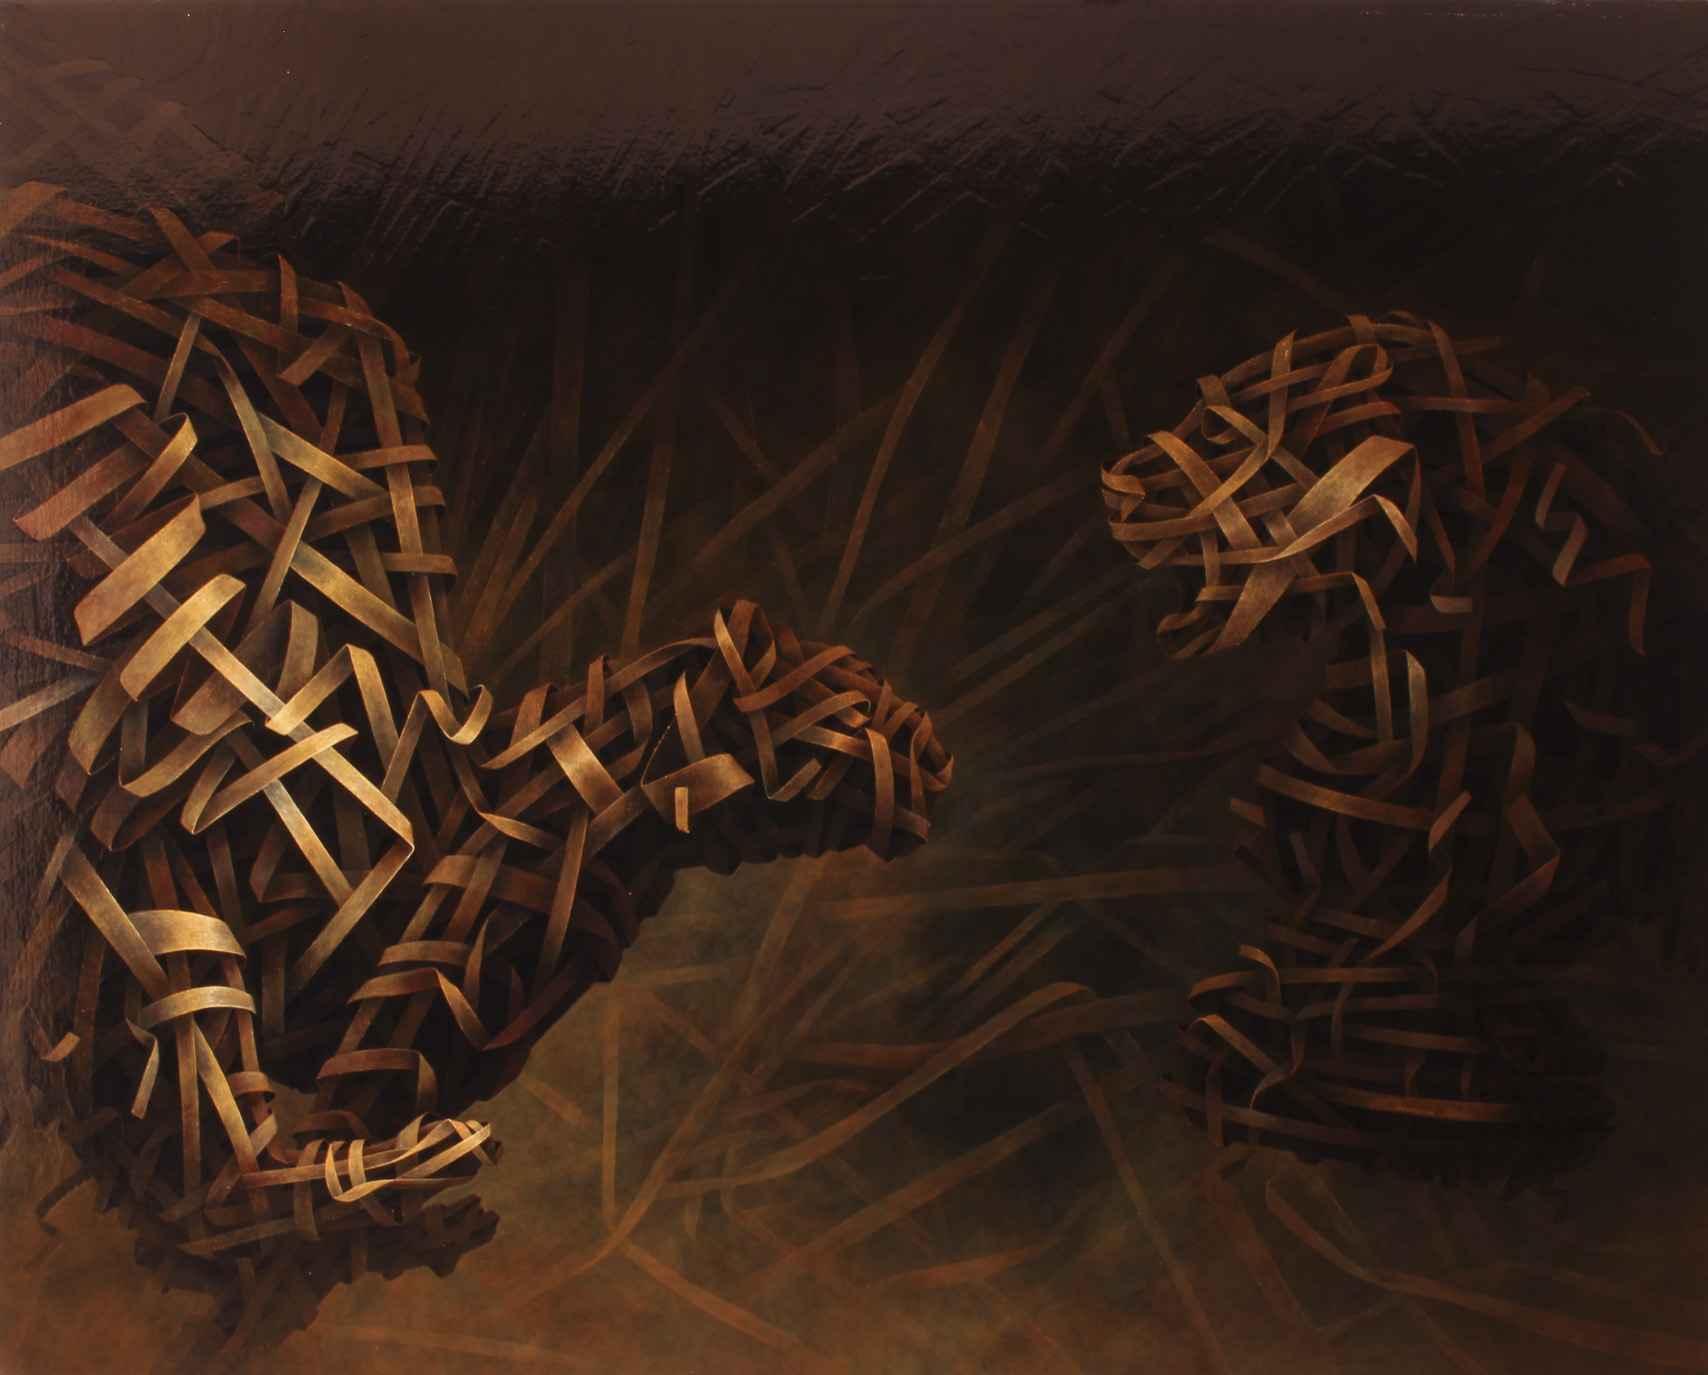 Lioness Mirror 2 by  Ilie Vaduva - Masterpiece Online